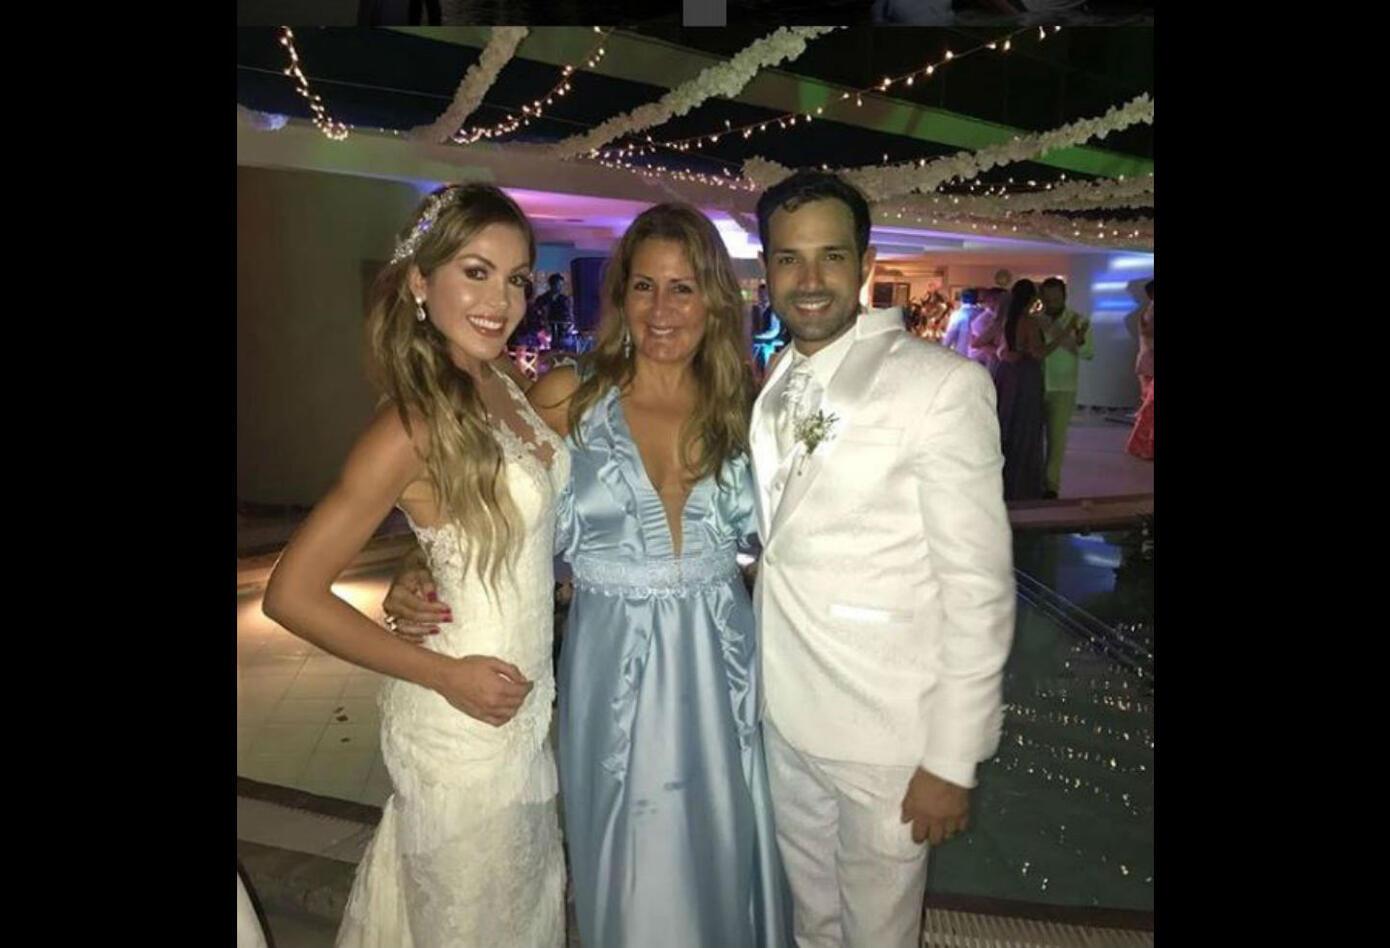 Boda de Nataly Umaña y Alejo Estrada